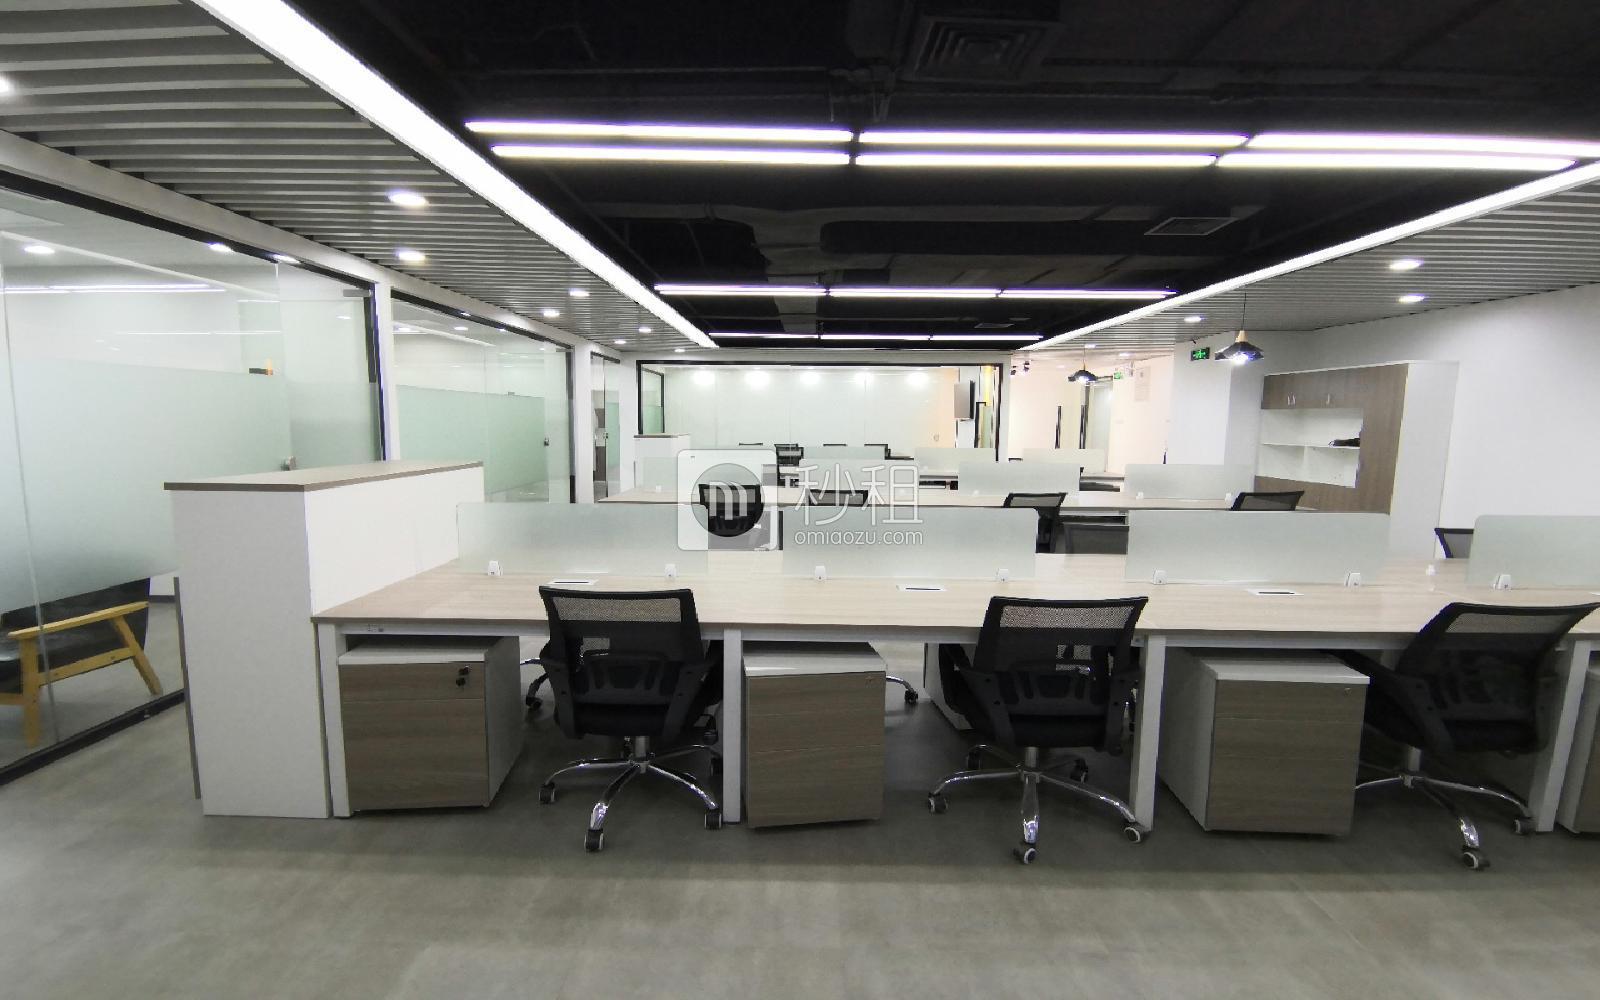 南山-科技园 深圳湾科技生态园(二期) 260m²